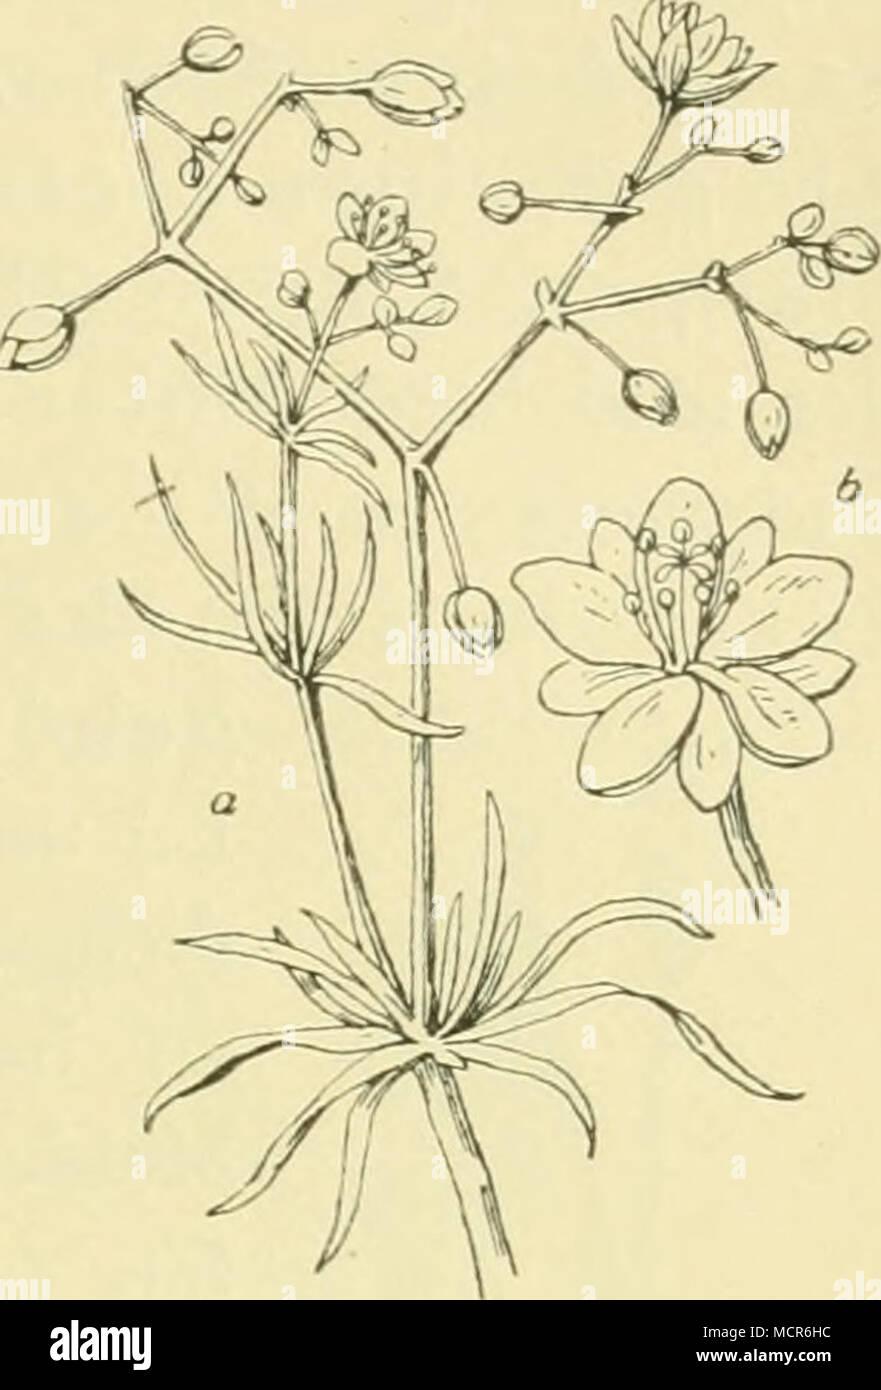 . früchtiges Steinkraut, A. calycinum L. und A. tortosum W Kit), das gemeine, behaarte und graue Bruchkraut oder Tausendkorn (Herniaria glabra L. — H. hirsuta L. — H. incana Lam.), nieder- liegende, stark verzweigte Kräutchen mit kleinen, grünen, kornähnlichen Blütchen (Fig. 20), die in Gemeinschaft mit den obengenannten Alyssumarten den dür- ren Boden wie mit einem Teppich über- ziehen, — vielfach auch struppige und dürftige Exemplare der russischen Feld- und stinkenden Hunds-Ka- mille (Anthemis ruthenica M B. — A. arvensis L. — A. Cotula L.) und des echten,piemontesischenundfrühen Labkrautes - Stock Image